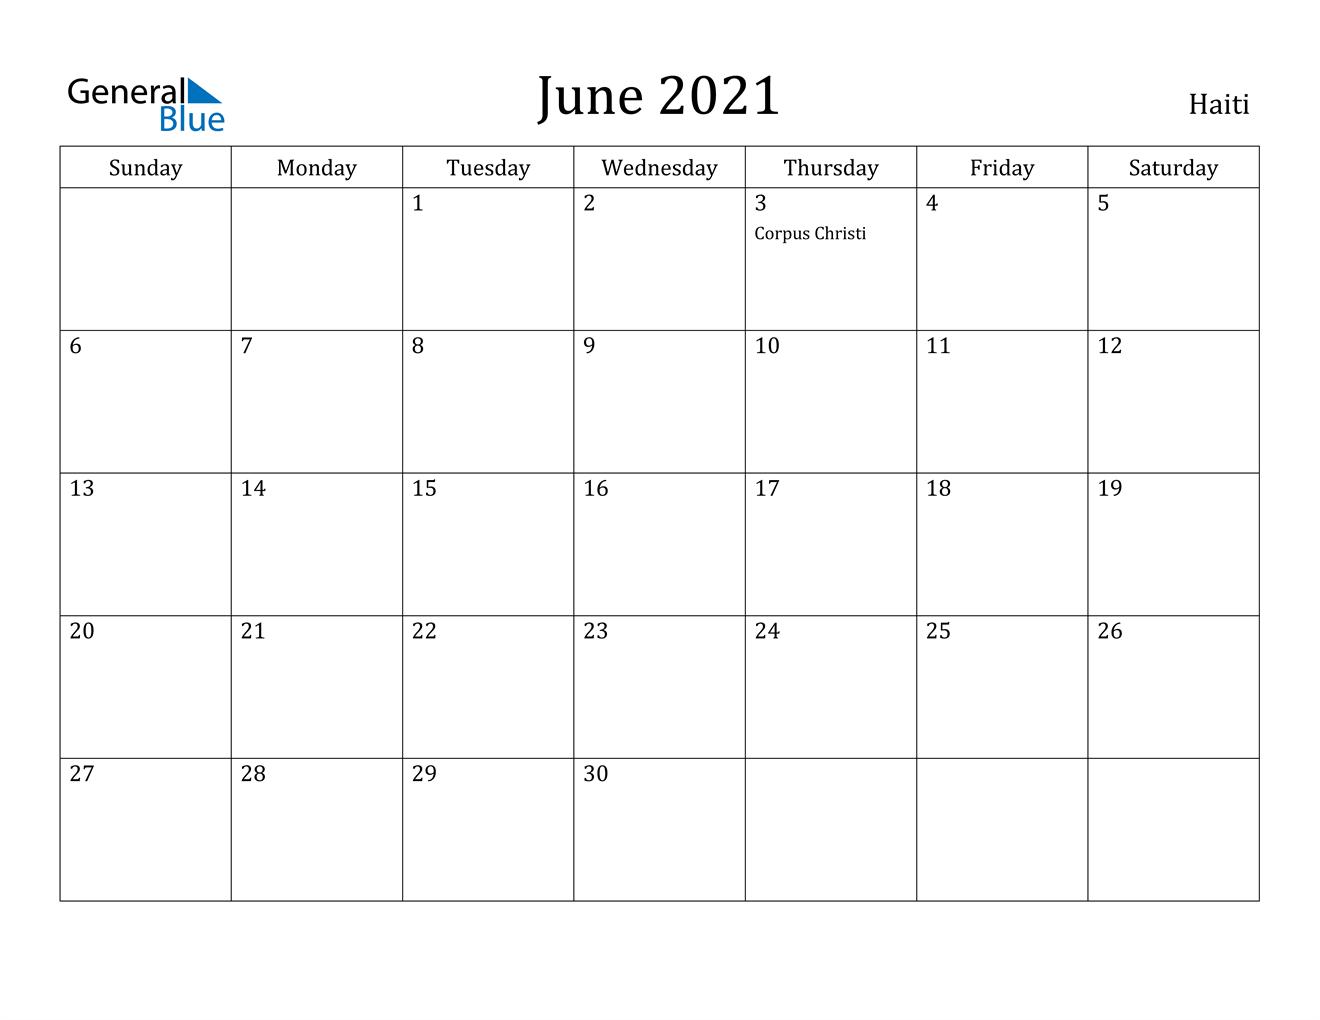 June 2021 Calendar - Haiti